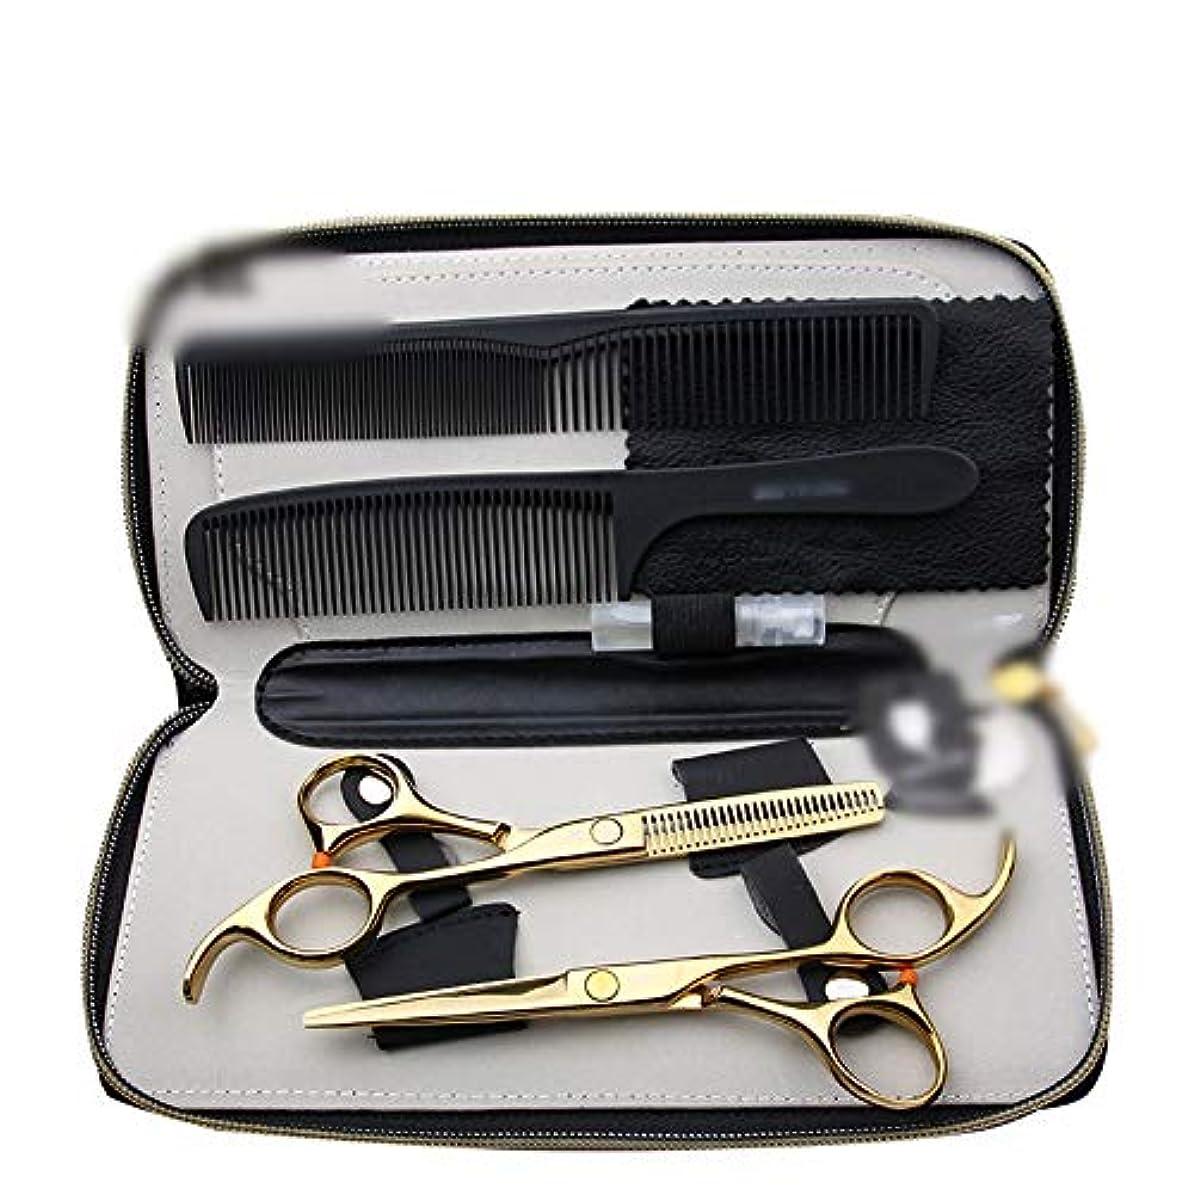 等価直面する行為理髪用はさみ 5.5インチの理髪ゴールデンはさみ、平らな+歯のせん断セットの毛の切断はさみのステンレス製の理髪師のはさみ (色 : ゴールド)